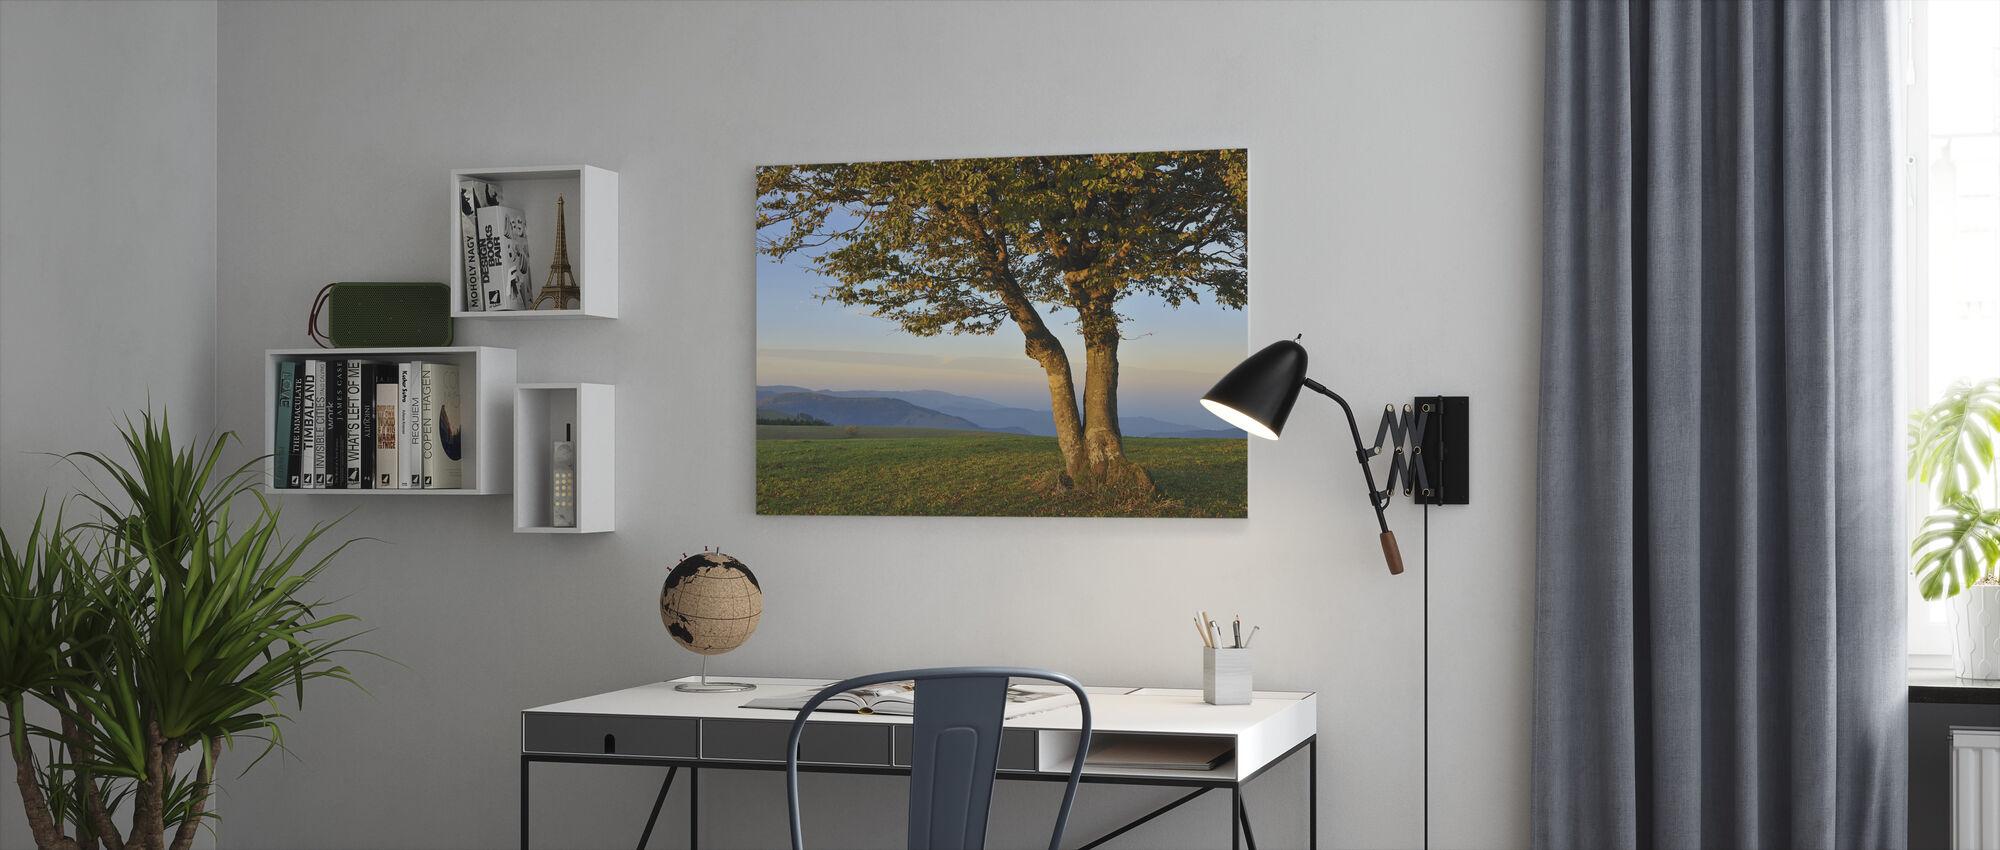 Beukenboom in het Zwarte Woud - Canvas print - Kantoor